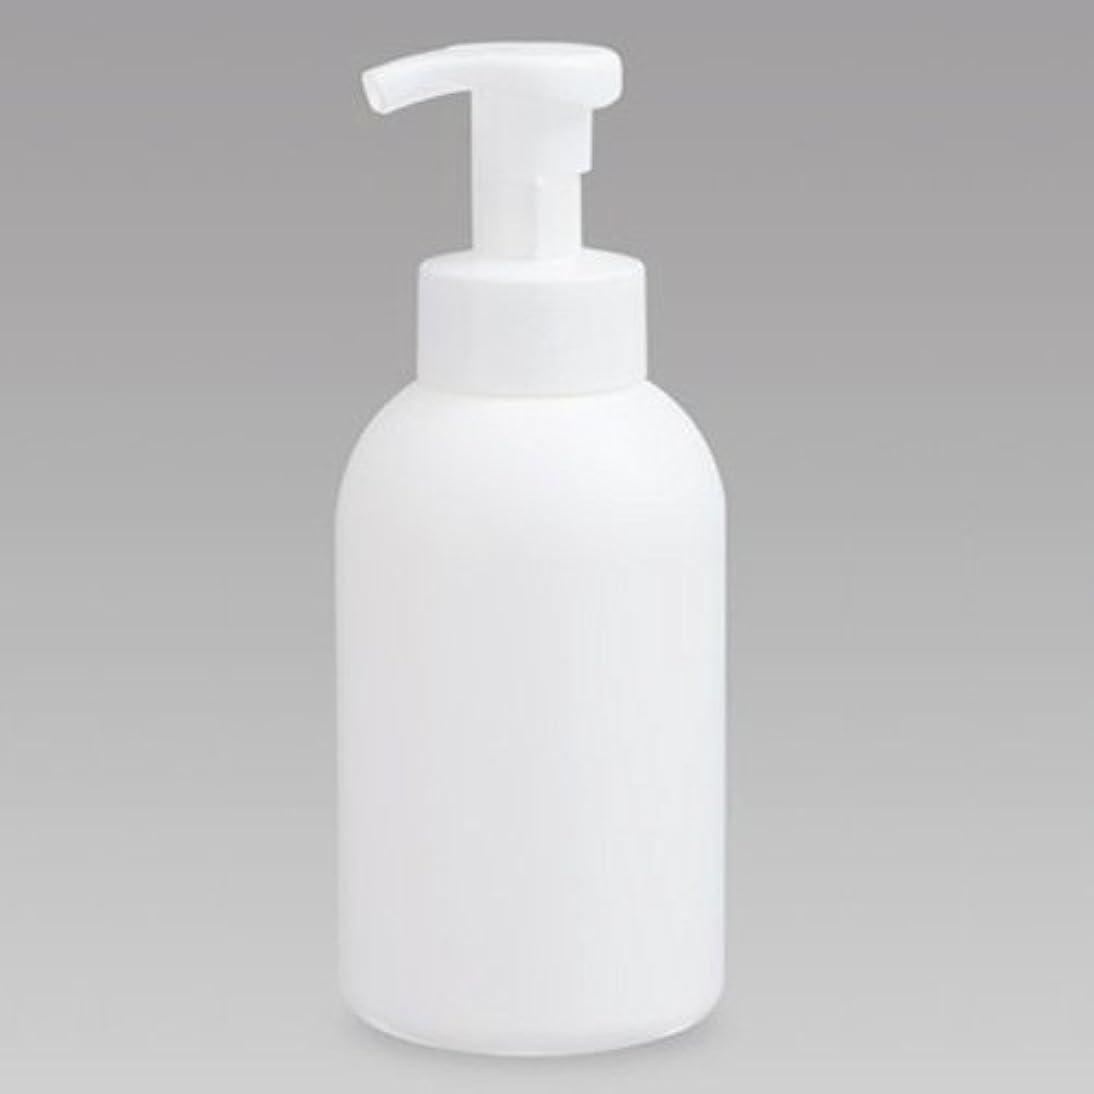 溶かす前部ペナルティ泡ボトル 泡ポンプボトル 500mL(PE) ホワイト 詰め替え 詰替 泡ハンドソープ 全身石鹸 ボディソープ 洗顔フォーム